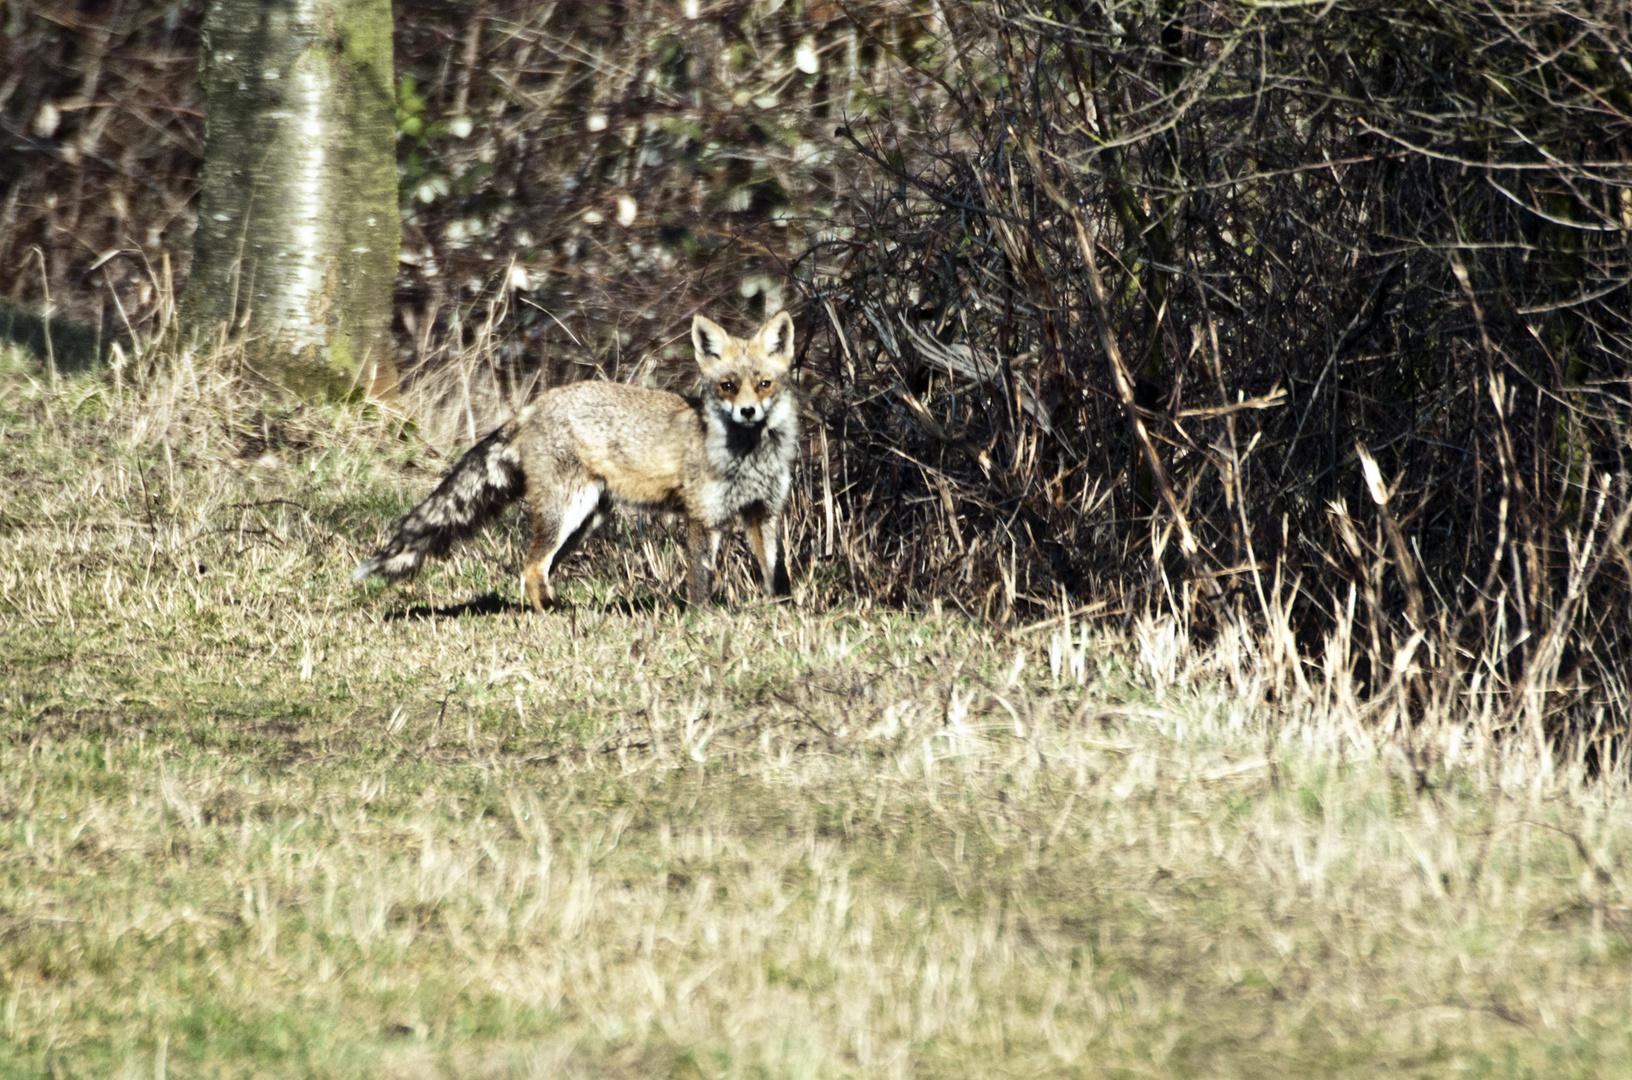 Ich hatte einen Vogel im Sucher als ploetzlich der Fuchs vor mir stand